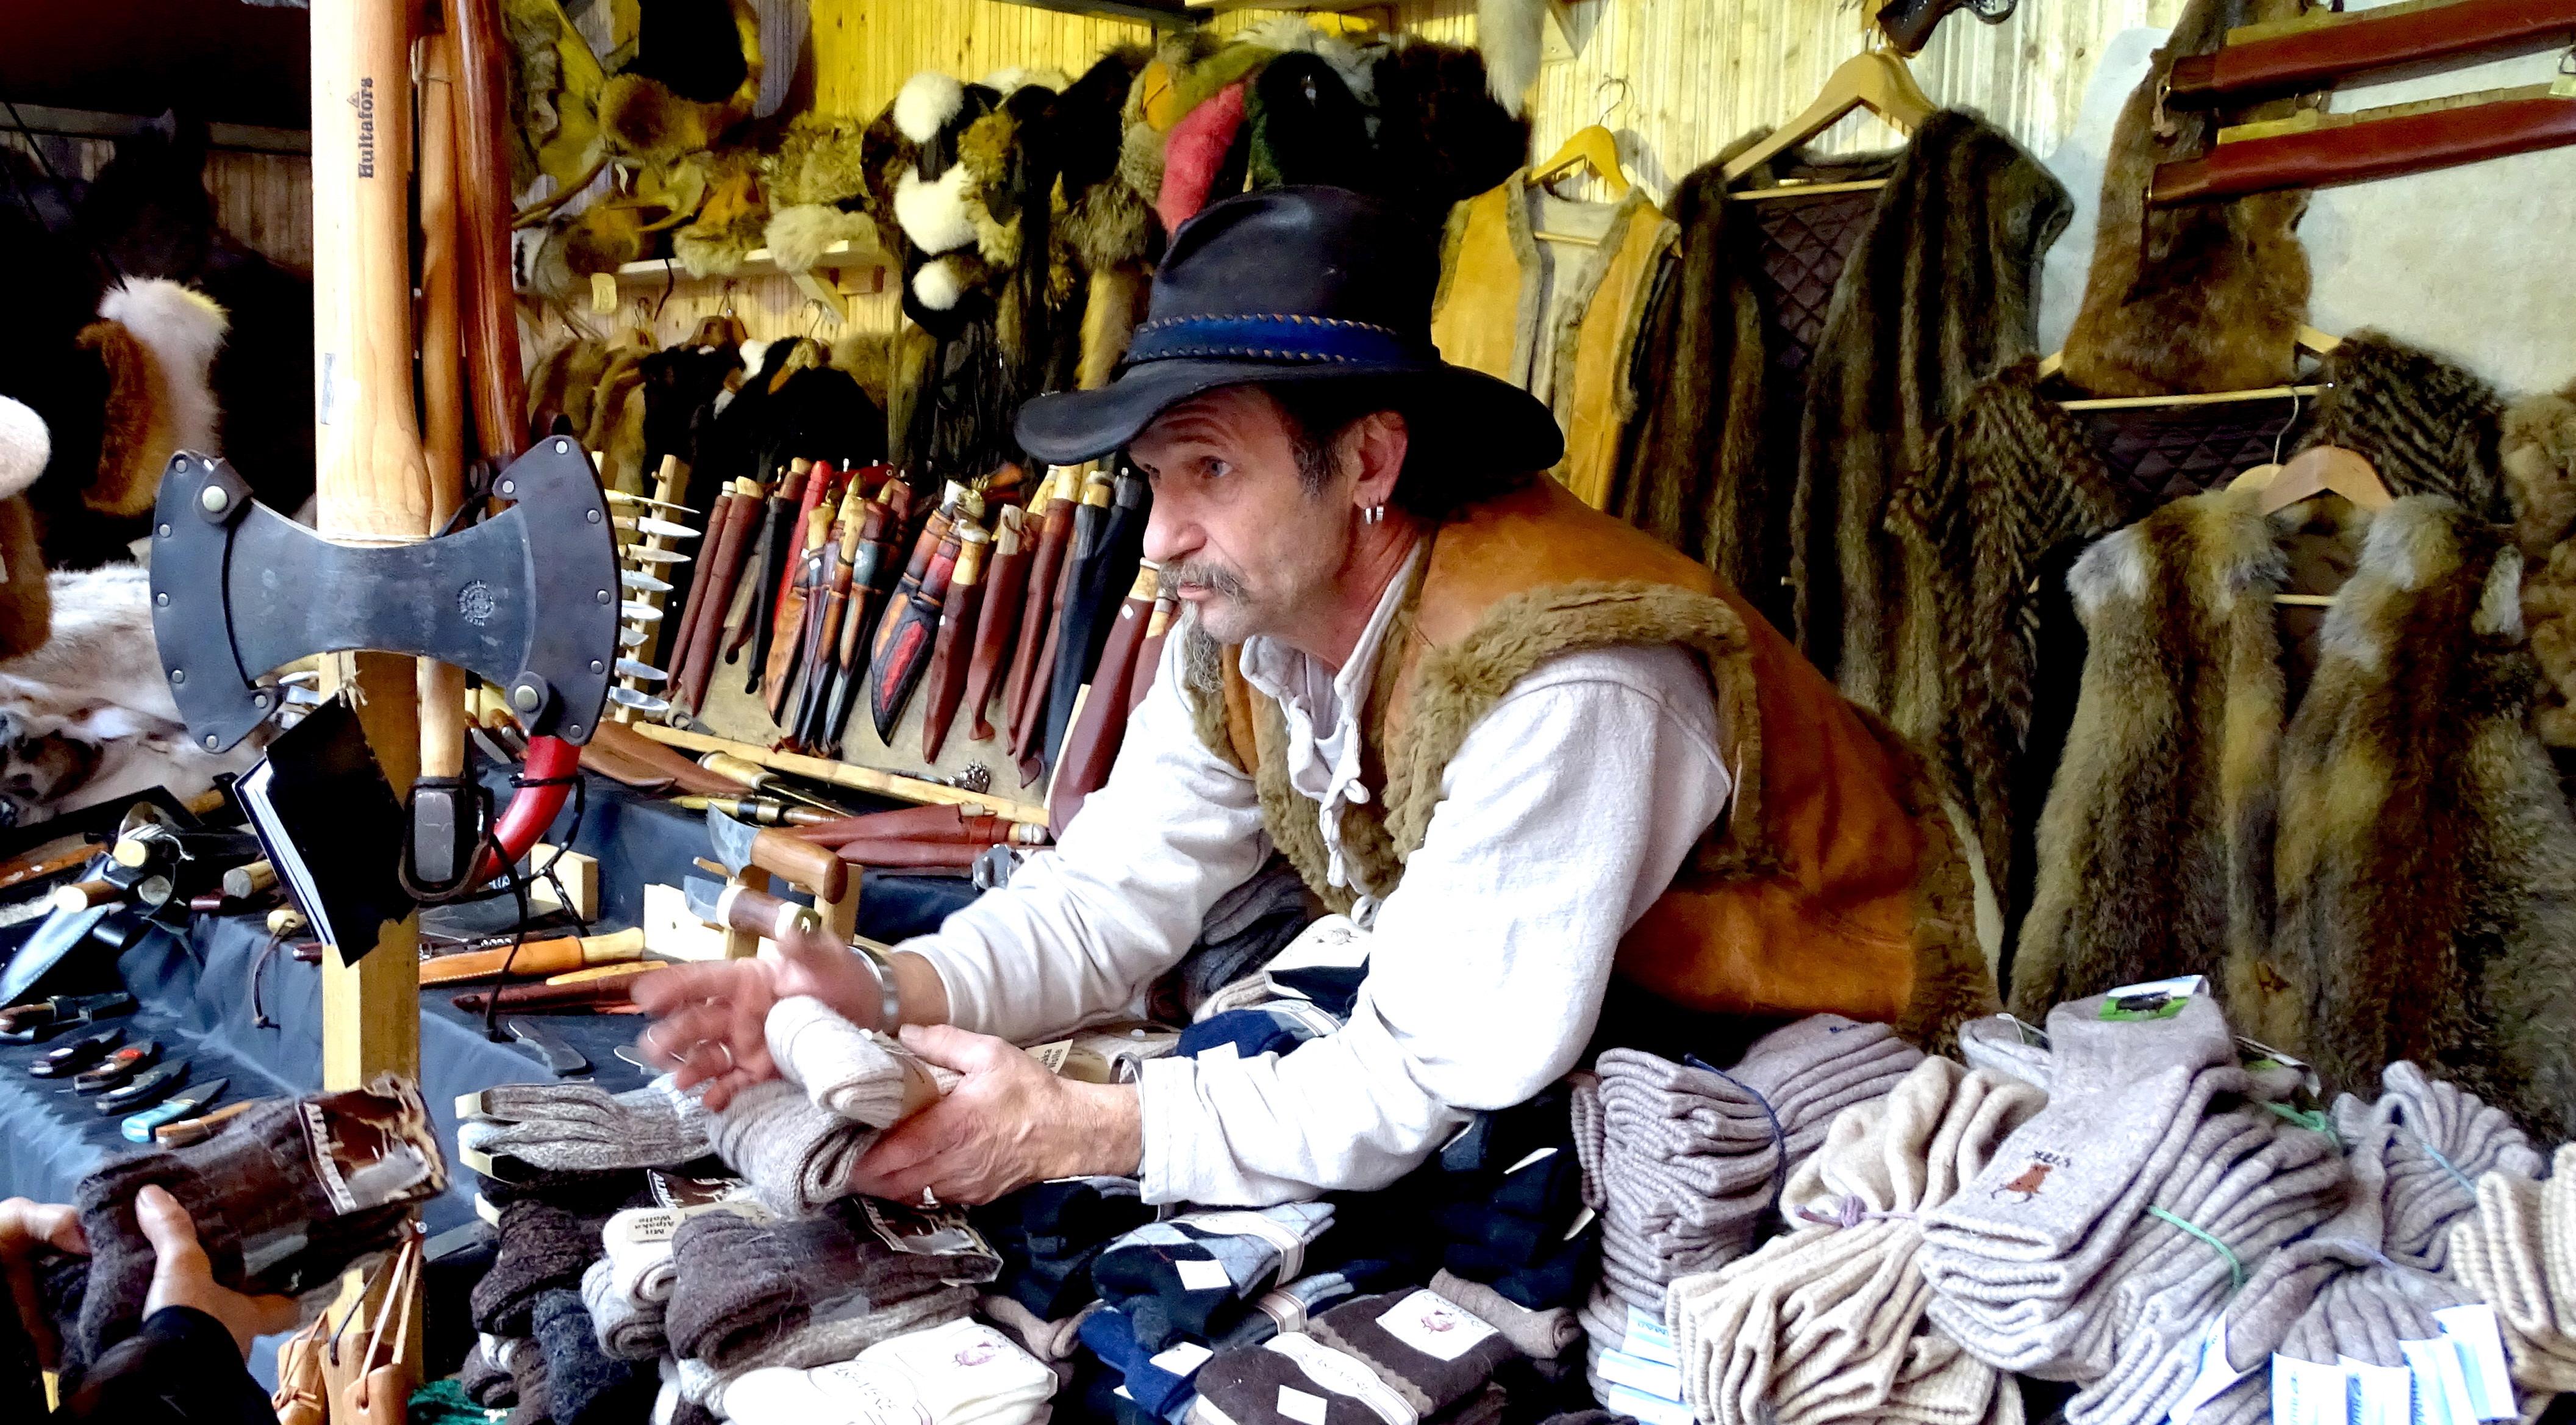 «Indie Mike» verkauft an dem Stand auf dem Luzerner Franziskanerplatz Tierfelle, Messer, Socken und Handschuhe